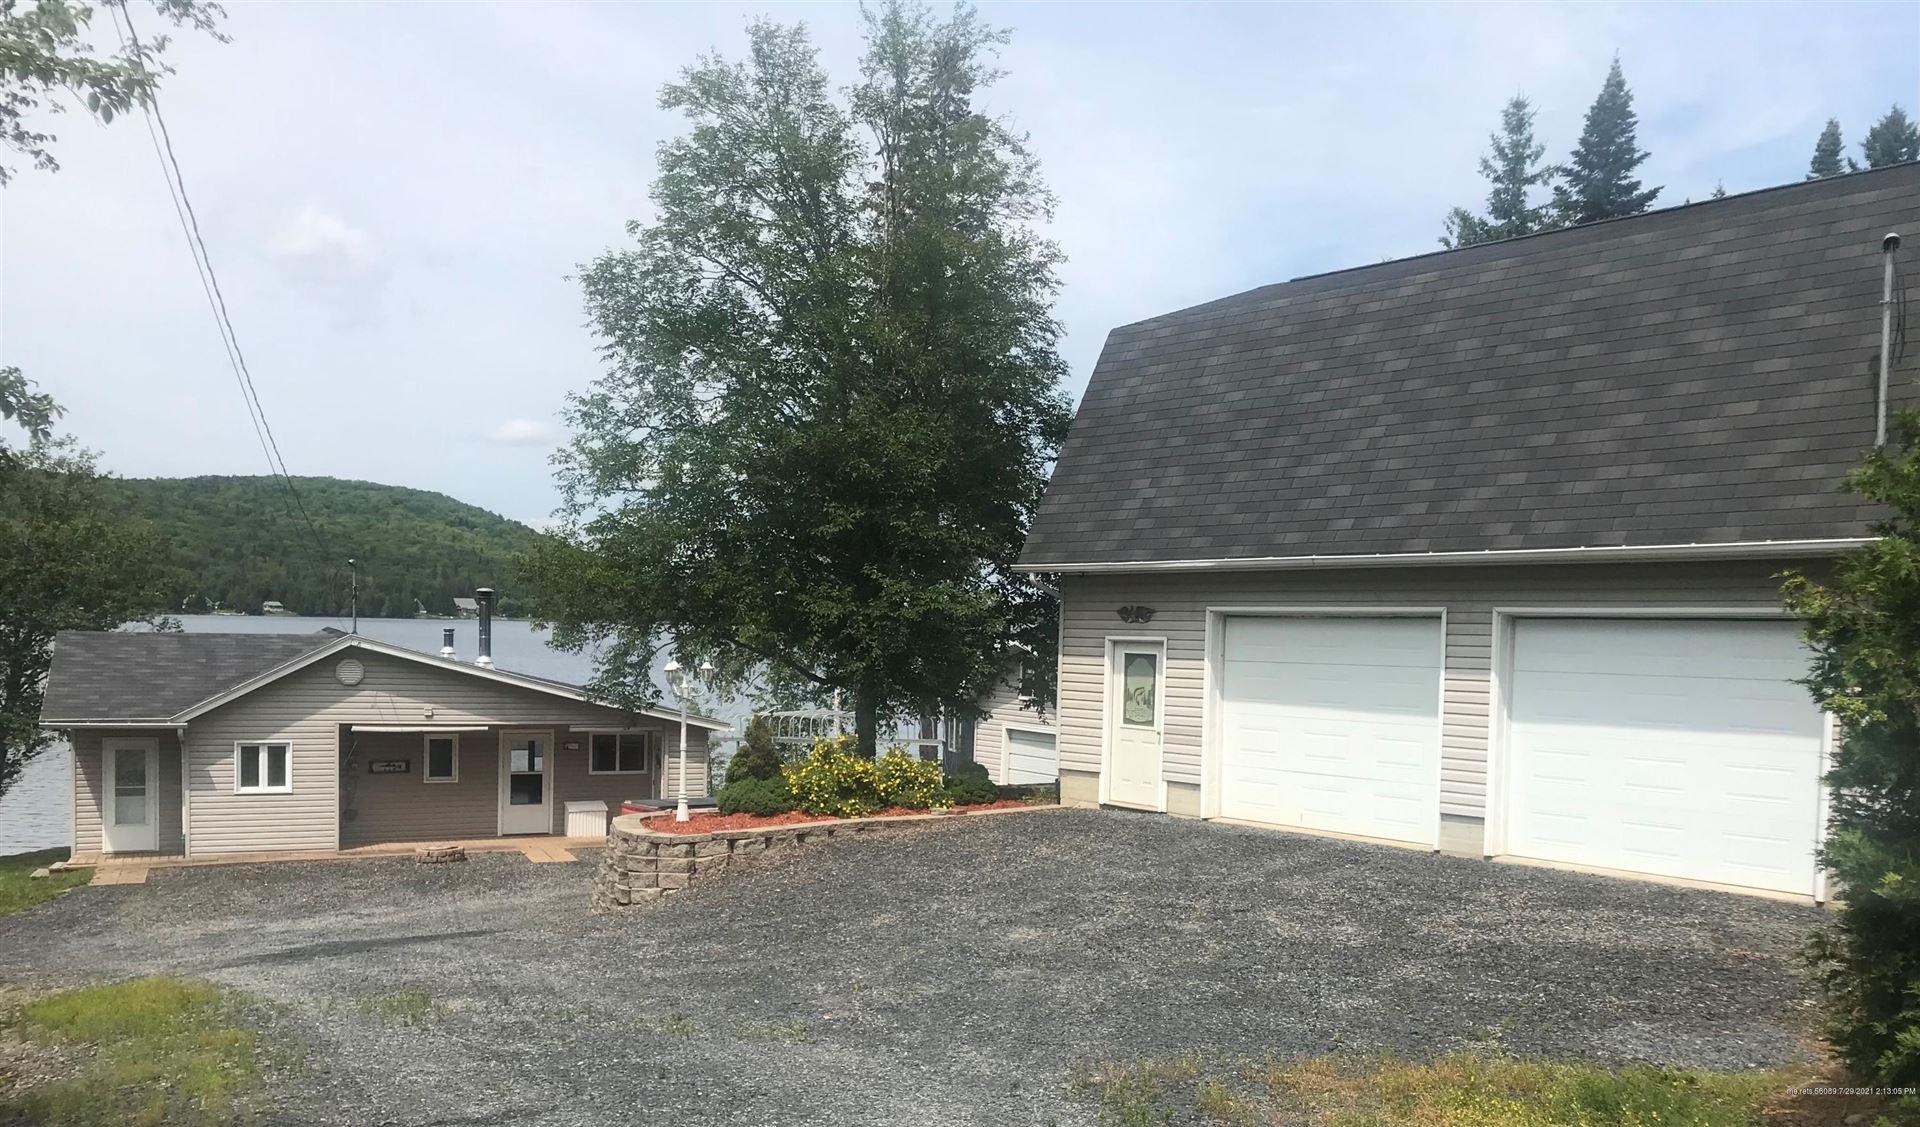 Photo of 80 Van Buren Cove Road, Van Buren, ME 04785 (MLS # 1501143)